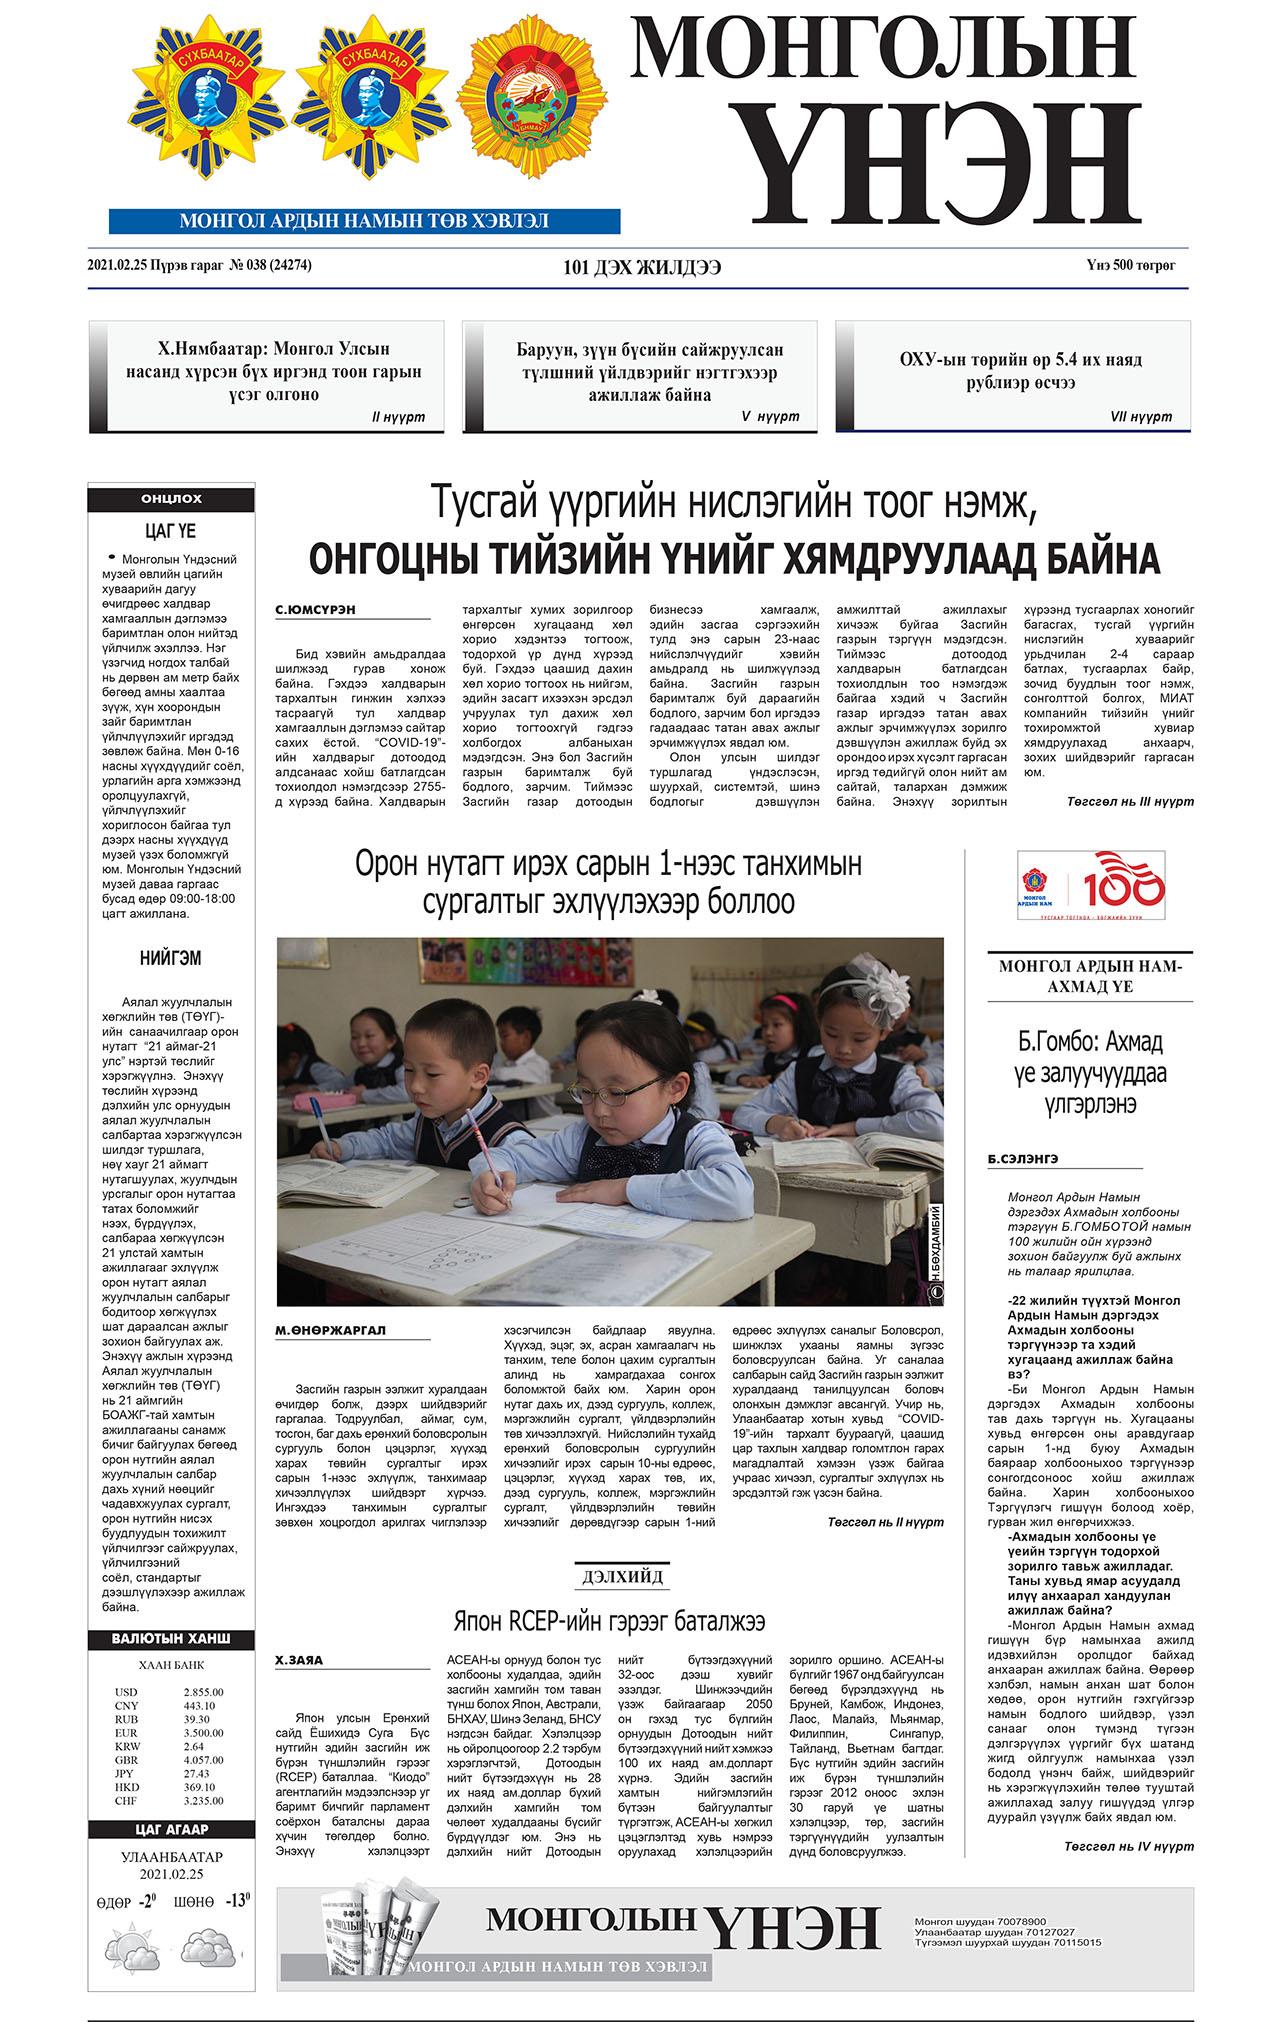 Монголын үнэн сонин 2021/038